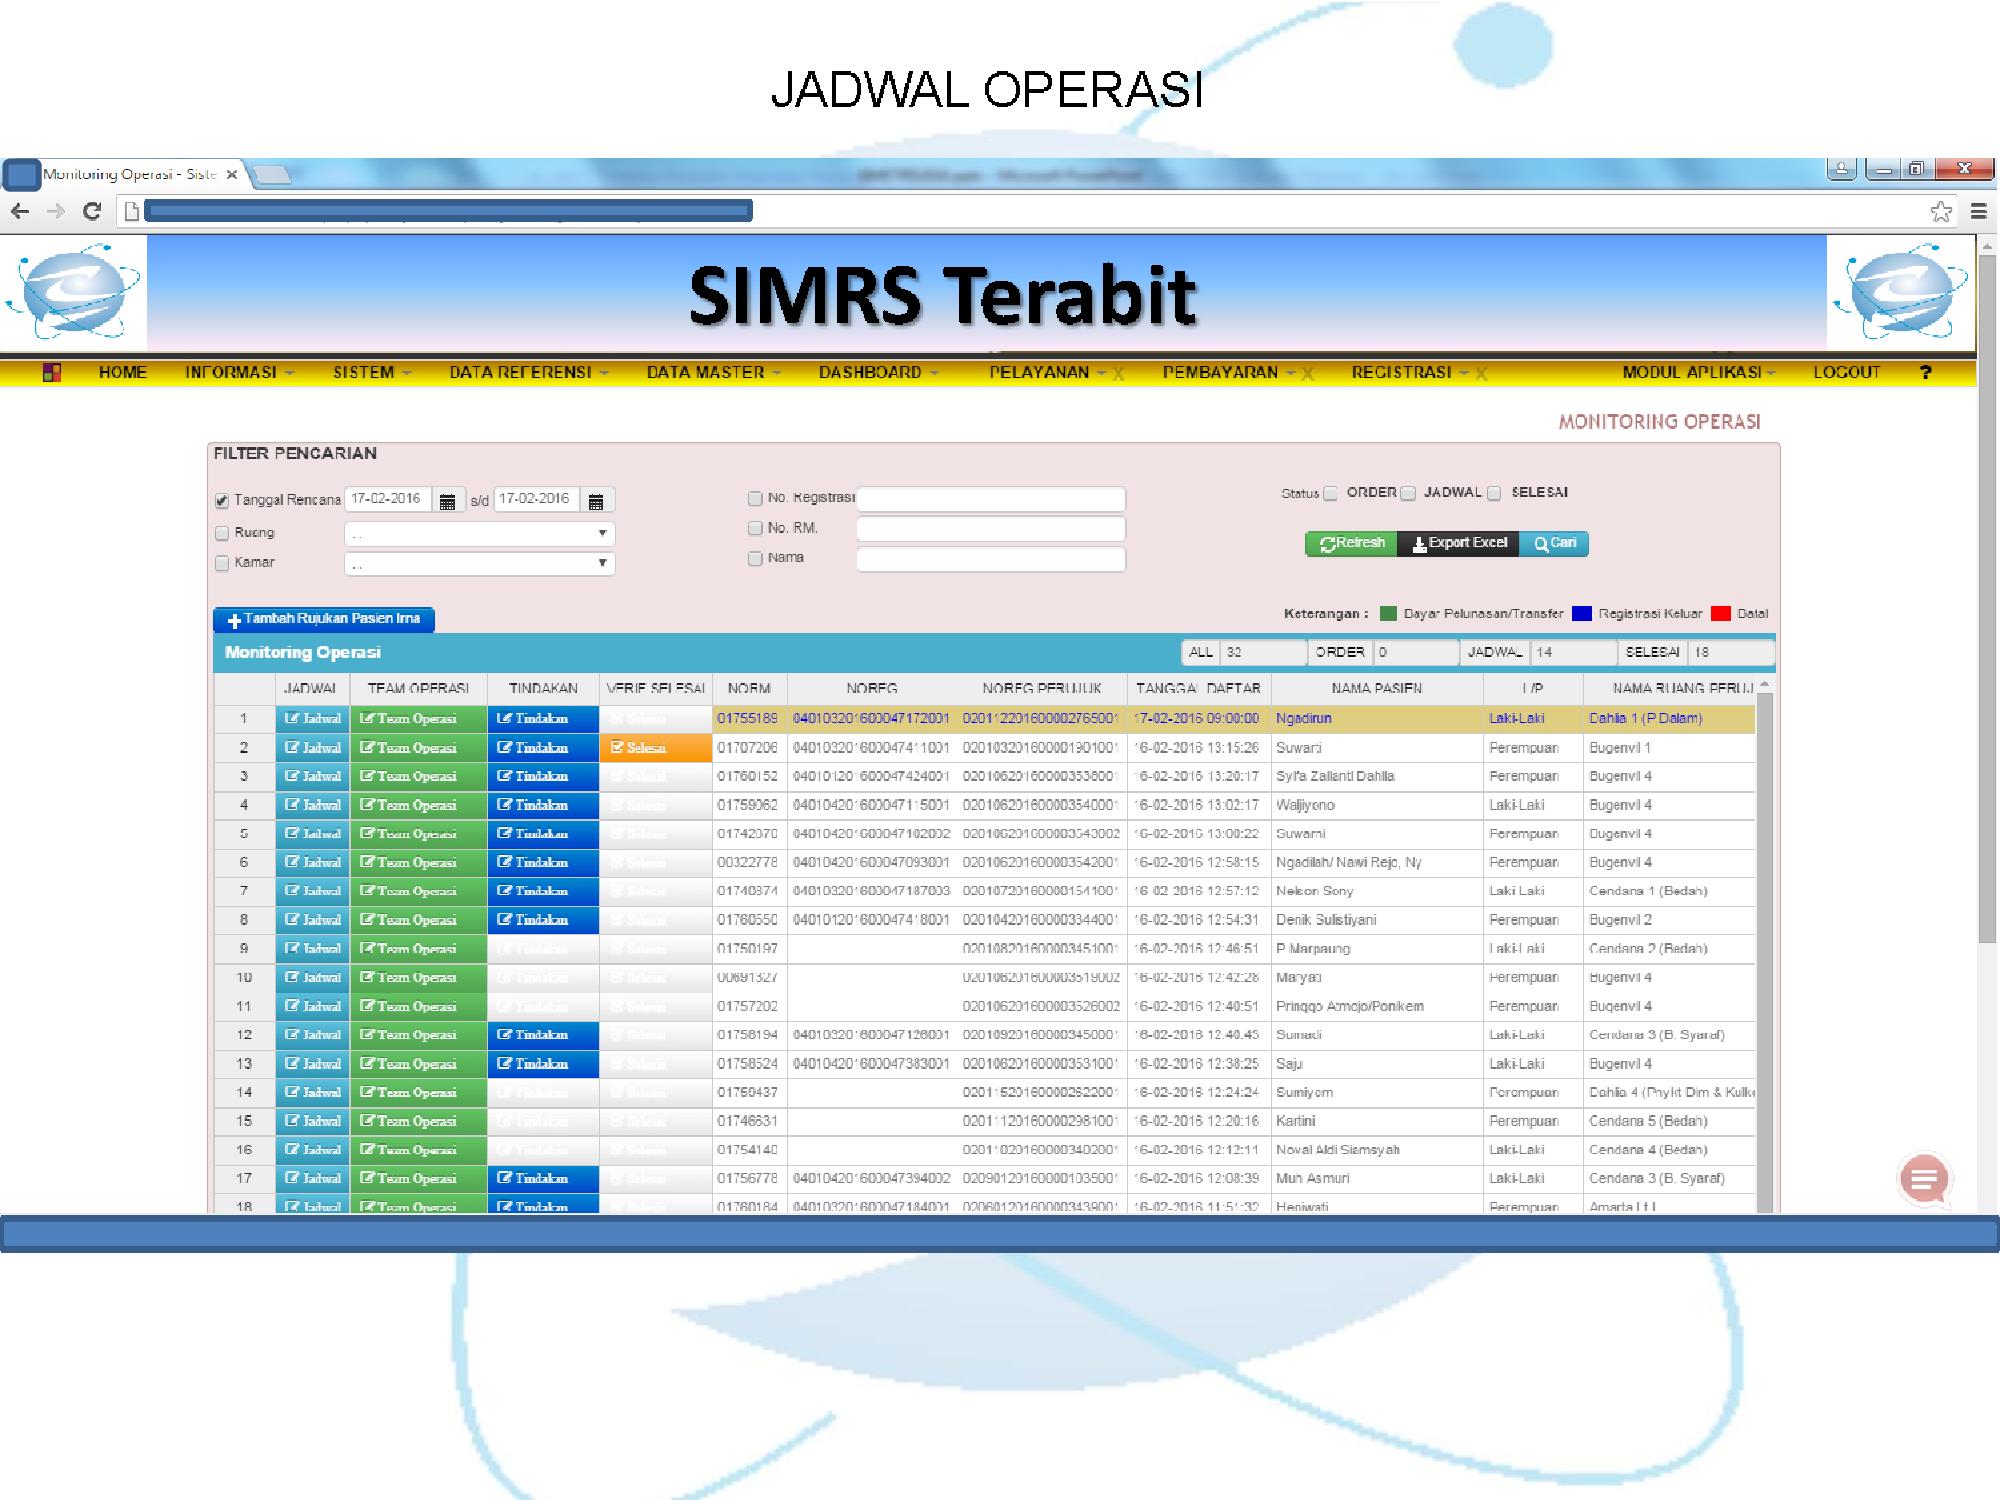 Jadwal Operasi